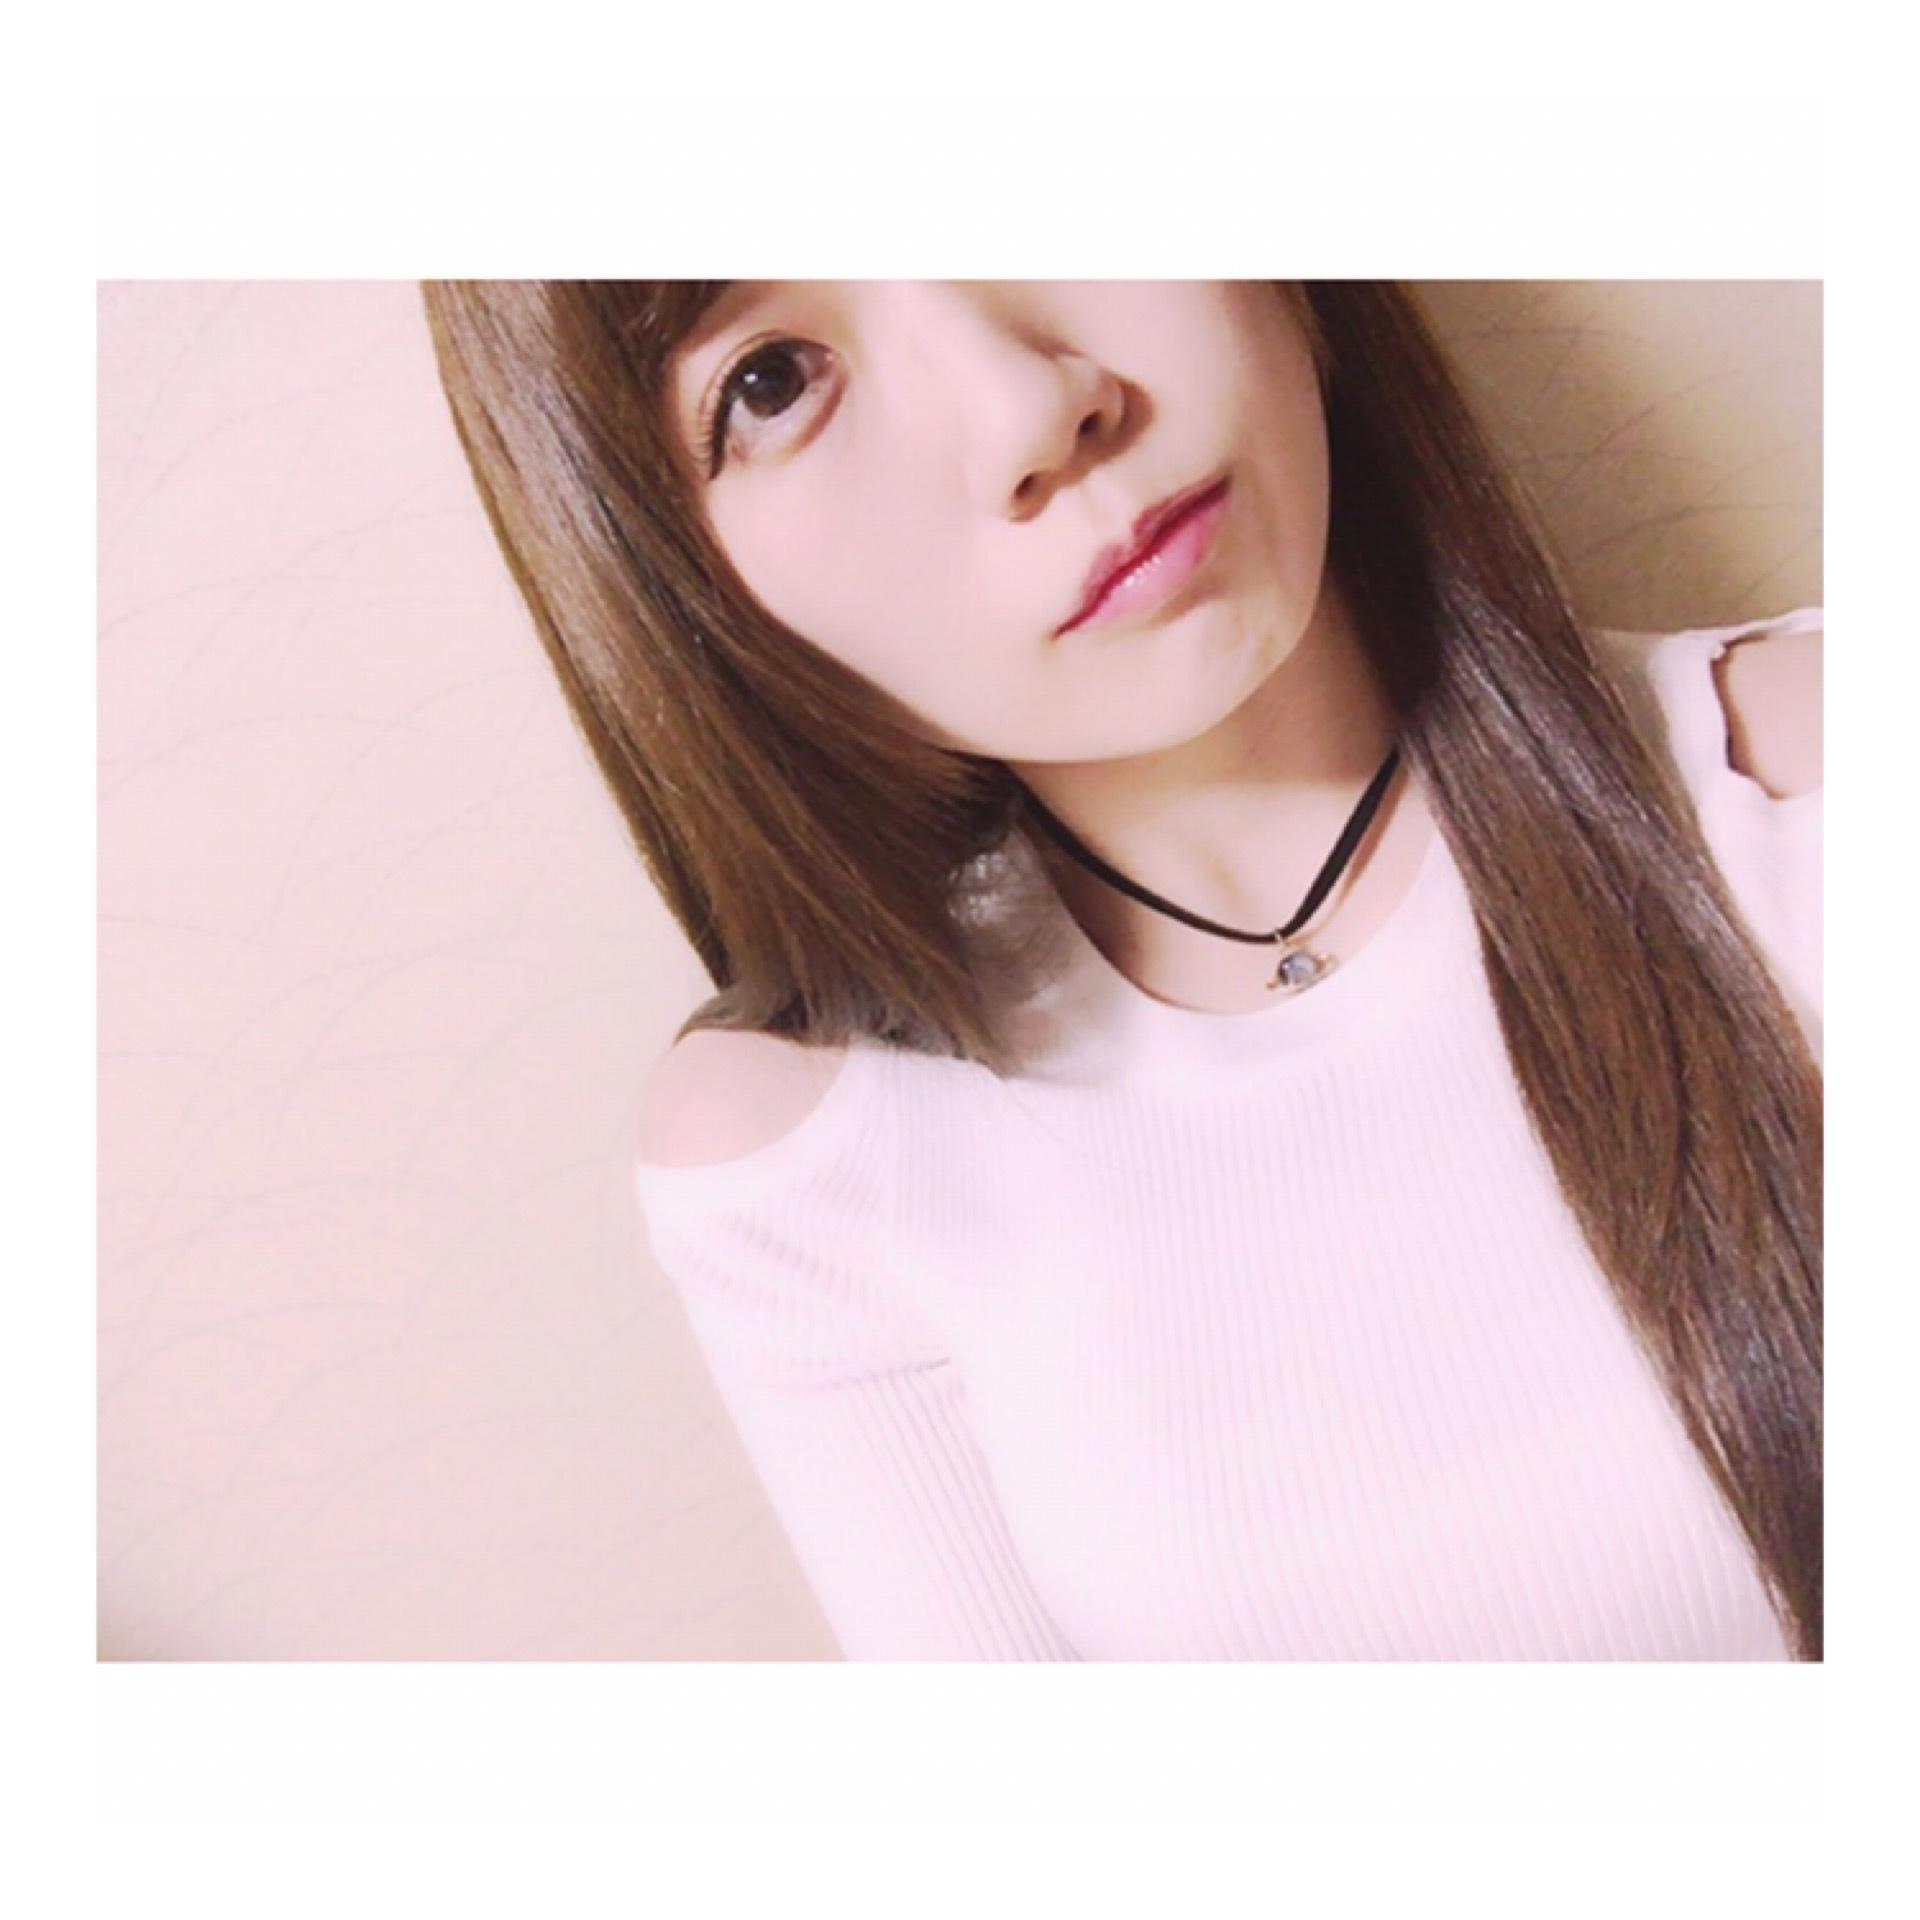 集英社♡公式ファッション通販サイト【FLAG SHOP】購入品♩_1_2